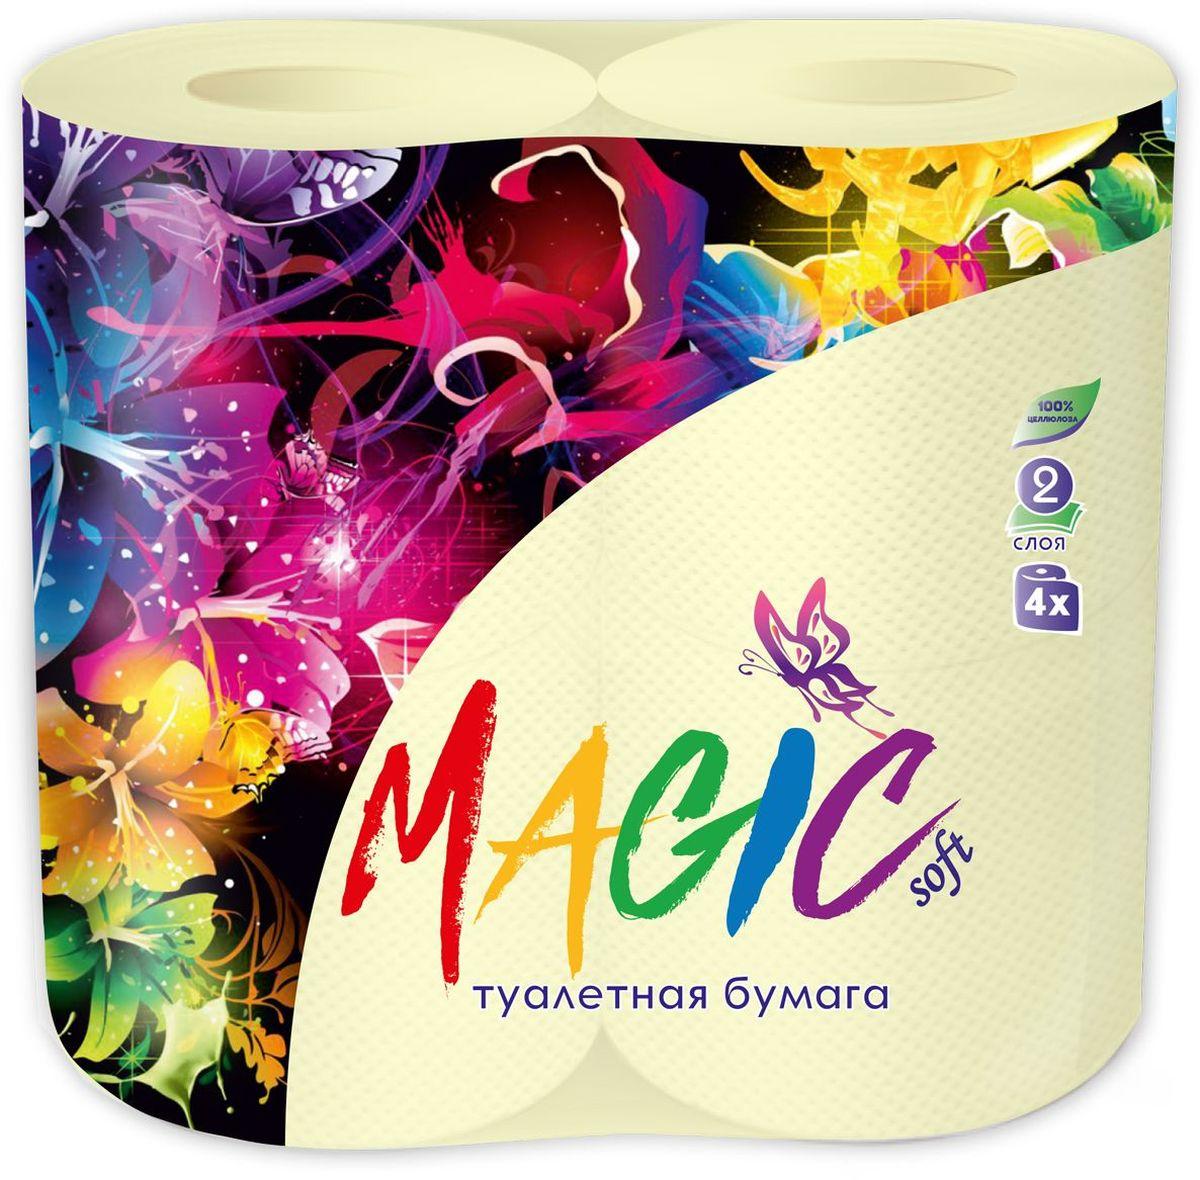 Туалетная бумага Magic Soft, цвет: желтый, 4 рулона20027Туалетная бумага Magic имеет 2 слоя. Она предназначена для бытового и санитарно-гигиенического назначения.Одноразового использования. В комплекте: 4 рулона.